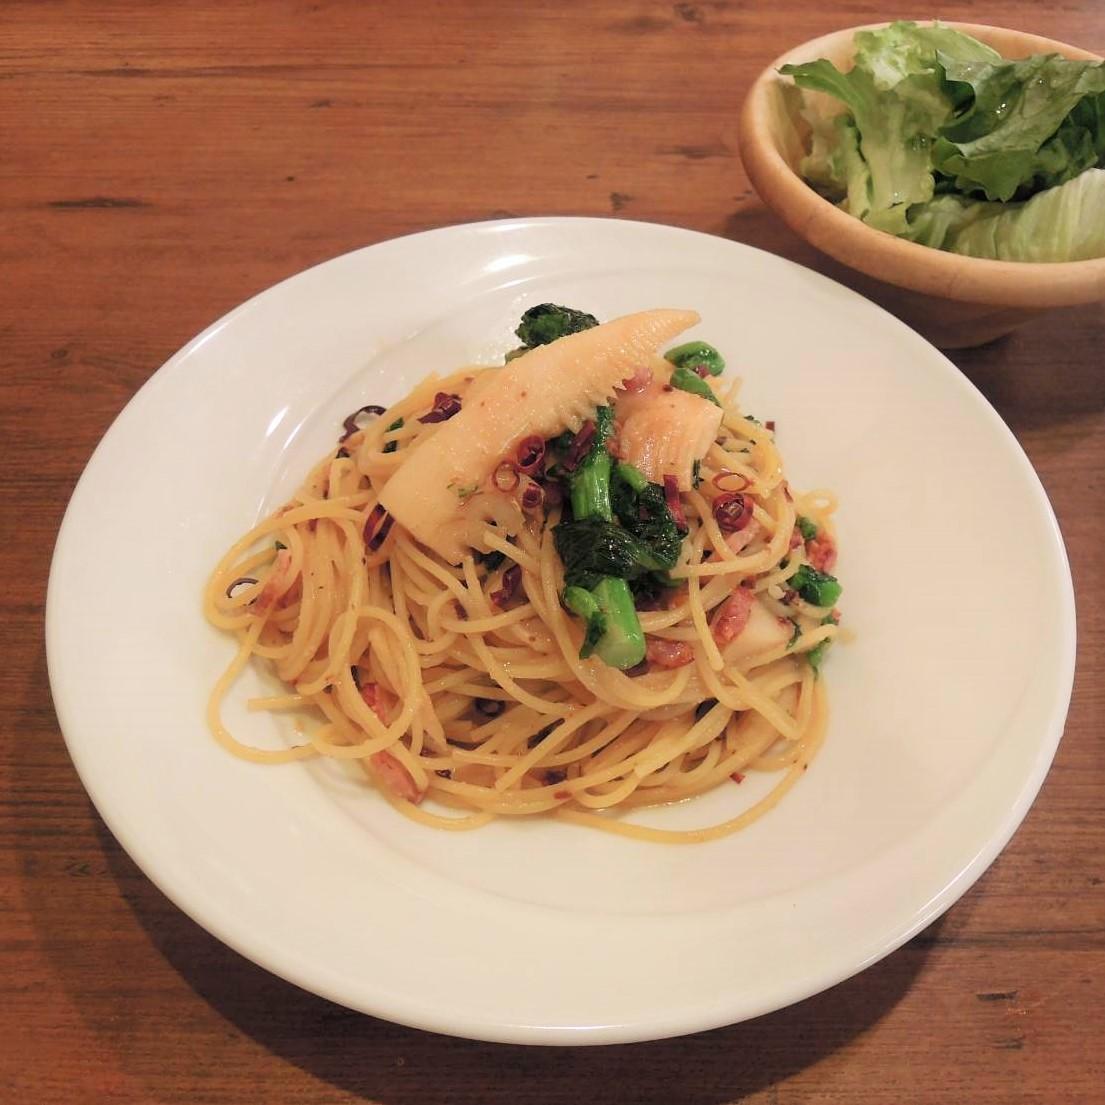 季節野菜のペペロンチーノ サラダ付きのイメージ